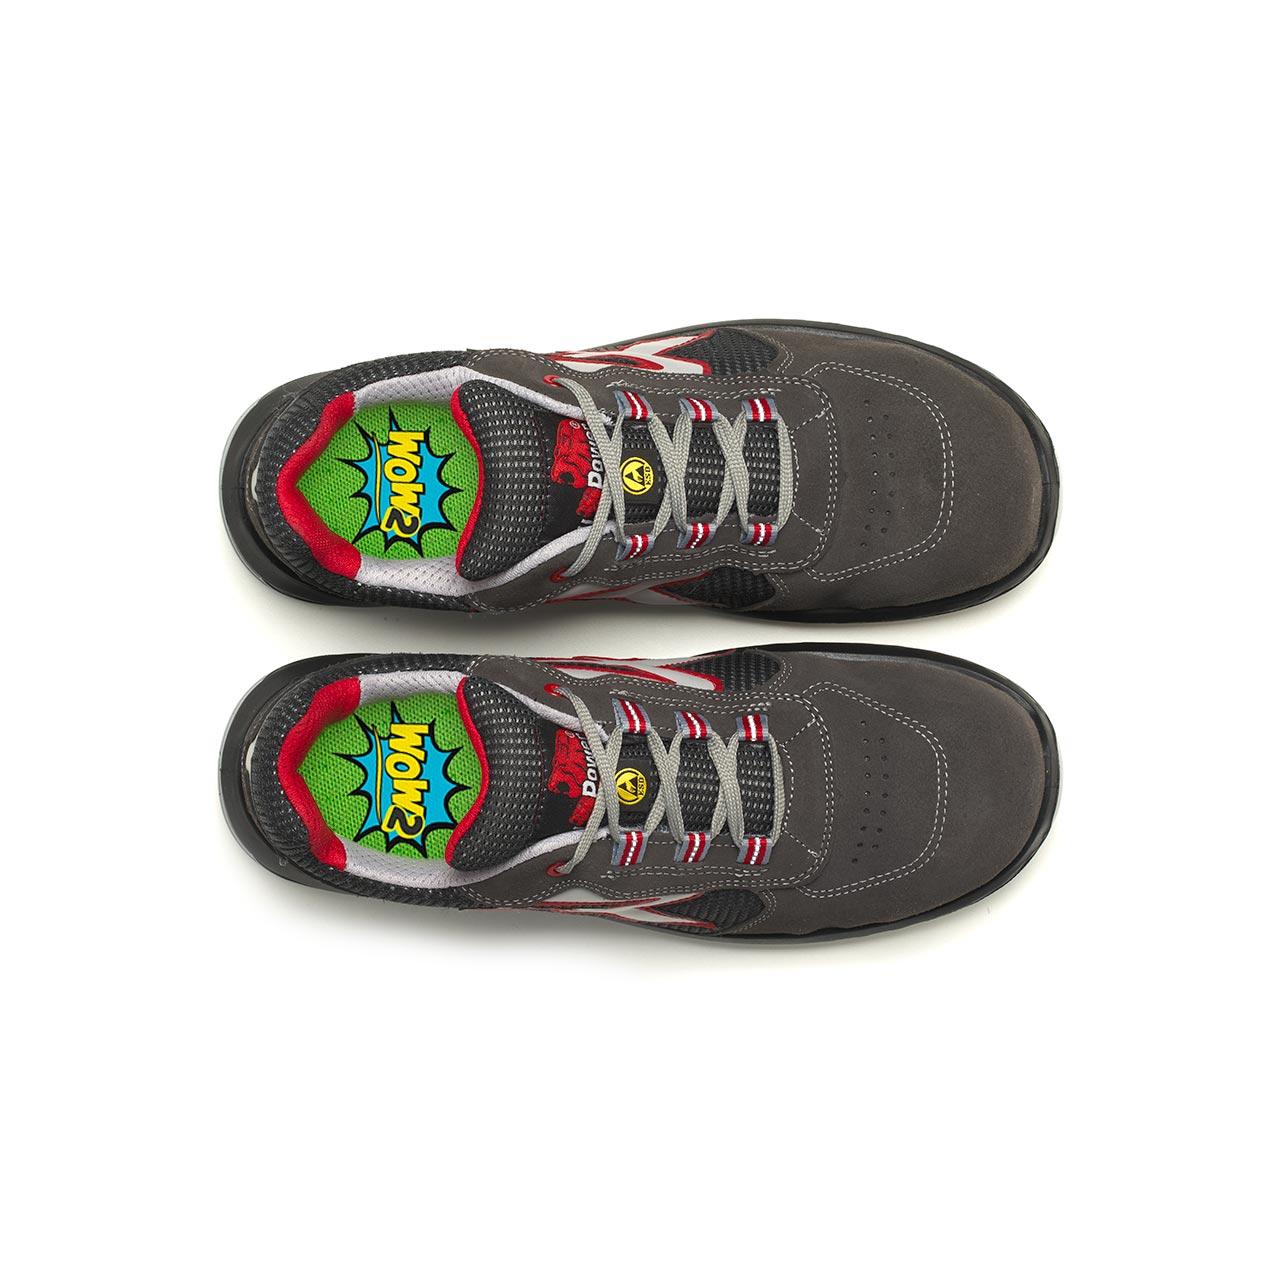 paio di scarpe antinfortunistiche upower modello demon linea redindustry vista top